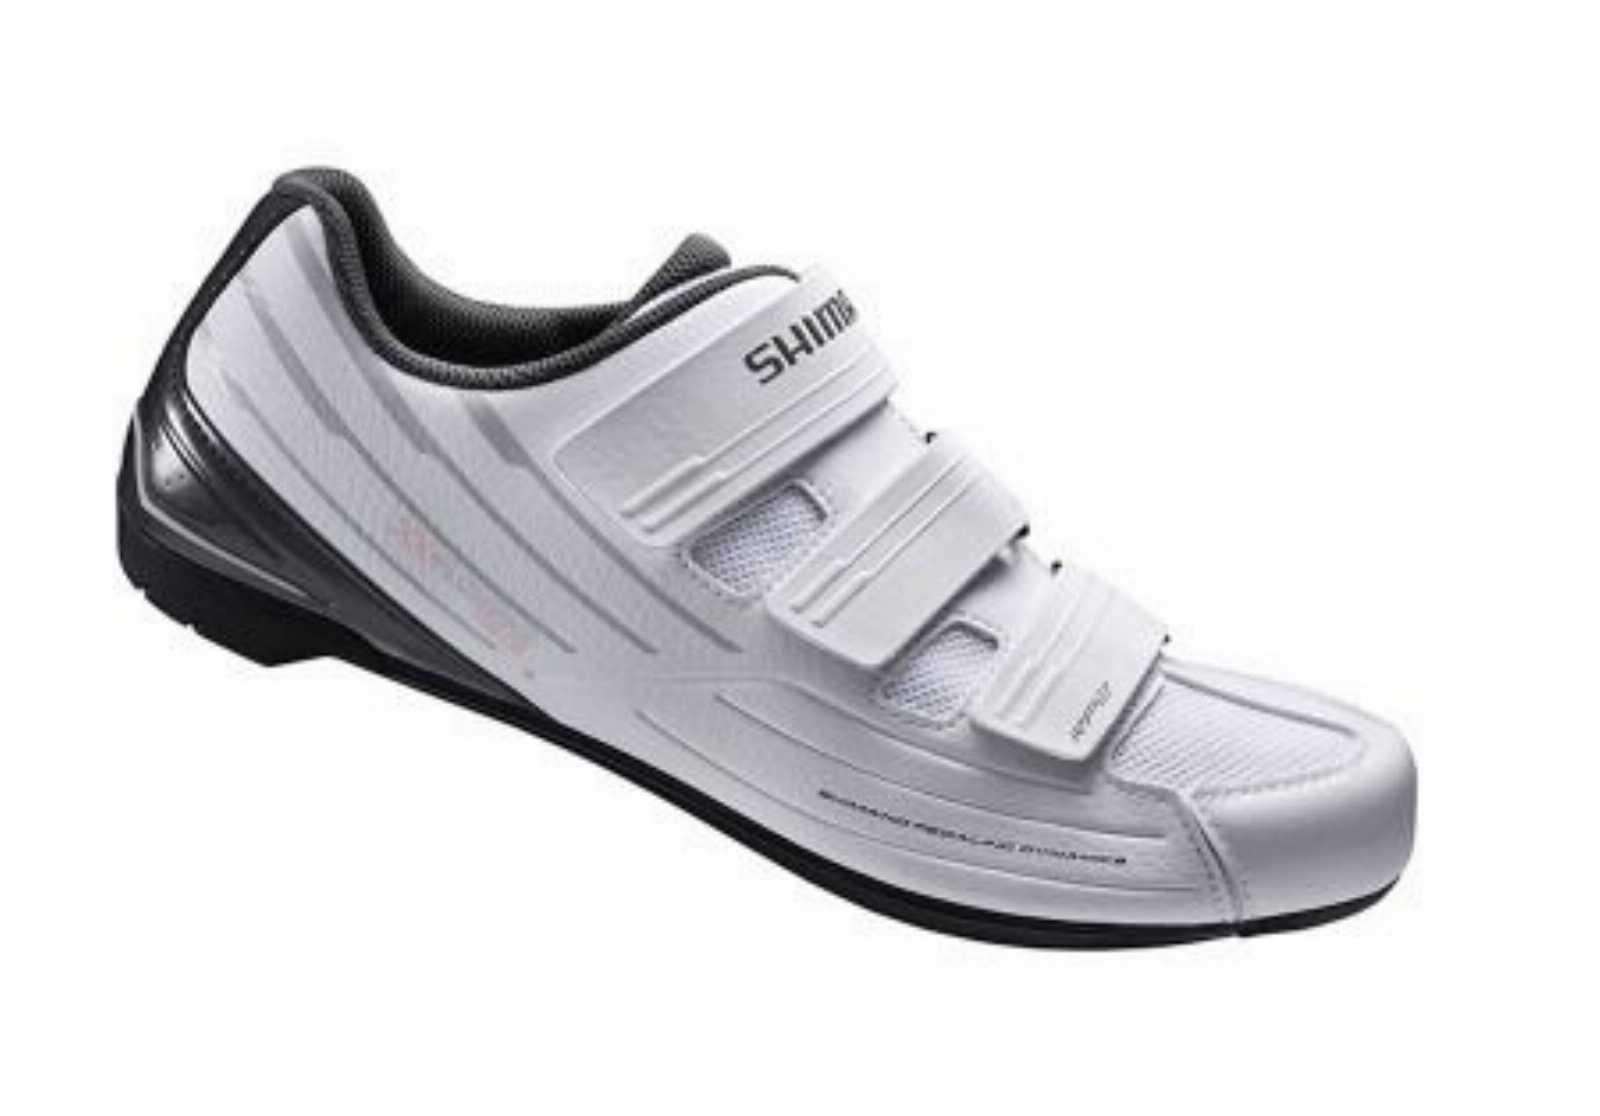 велосипедные туфли МТБ Shimano RP-200